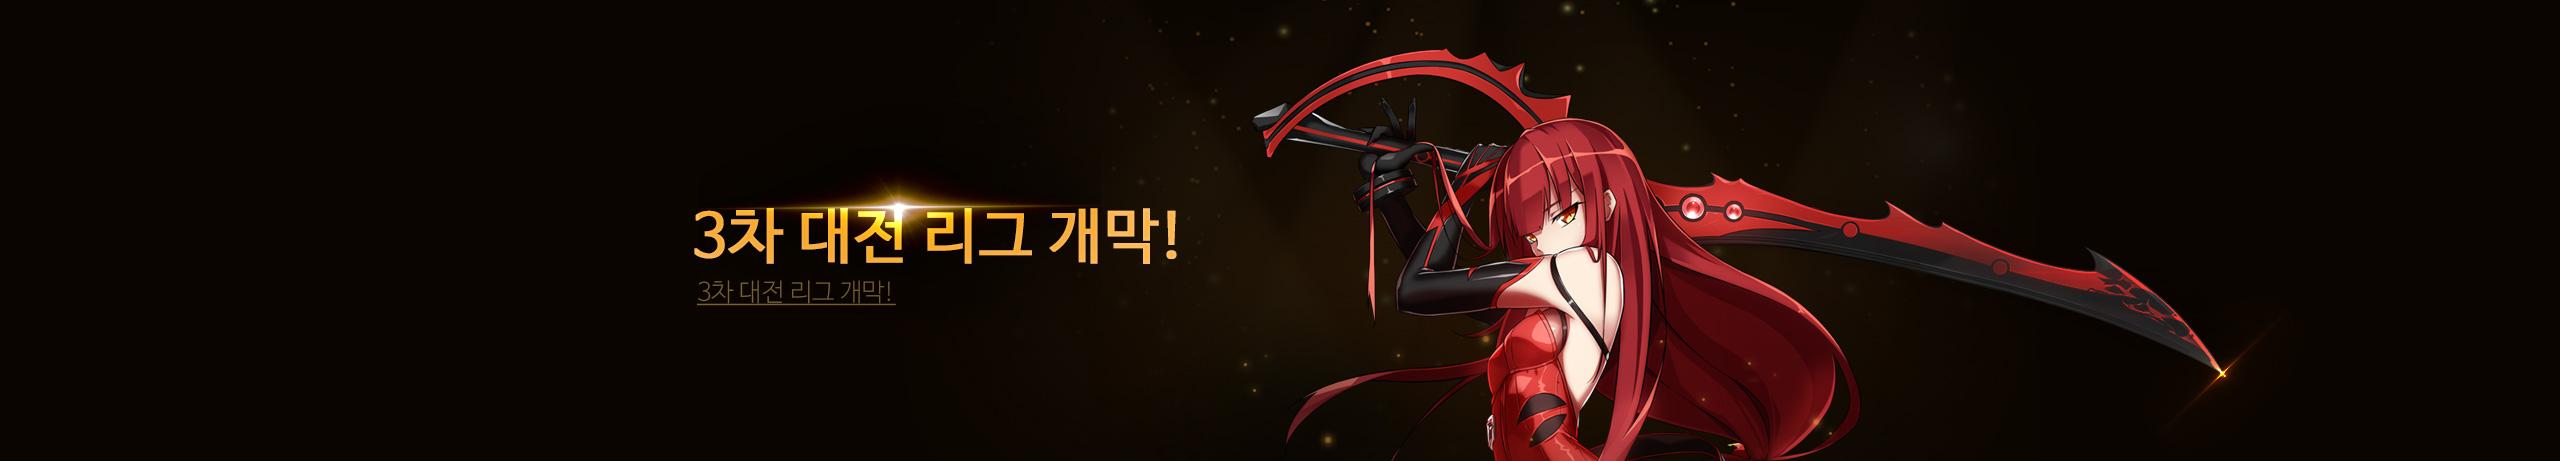 대전 리그3 이동